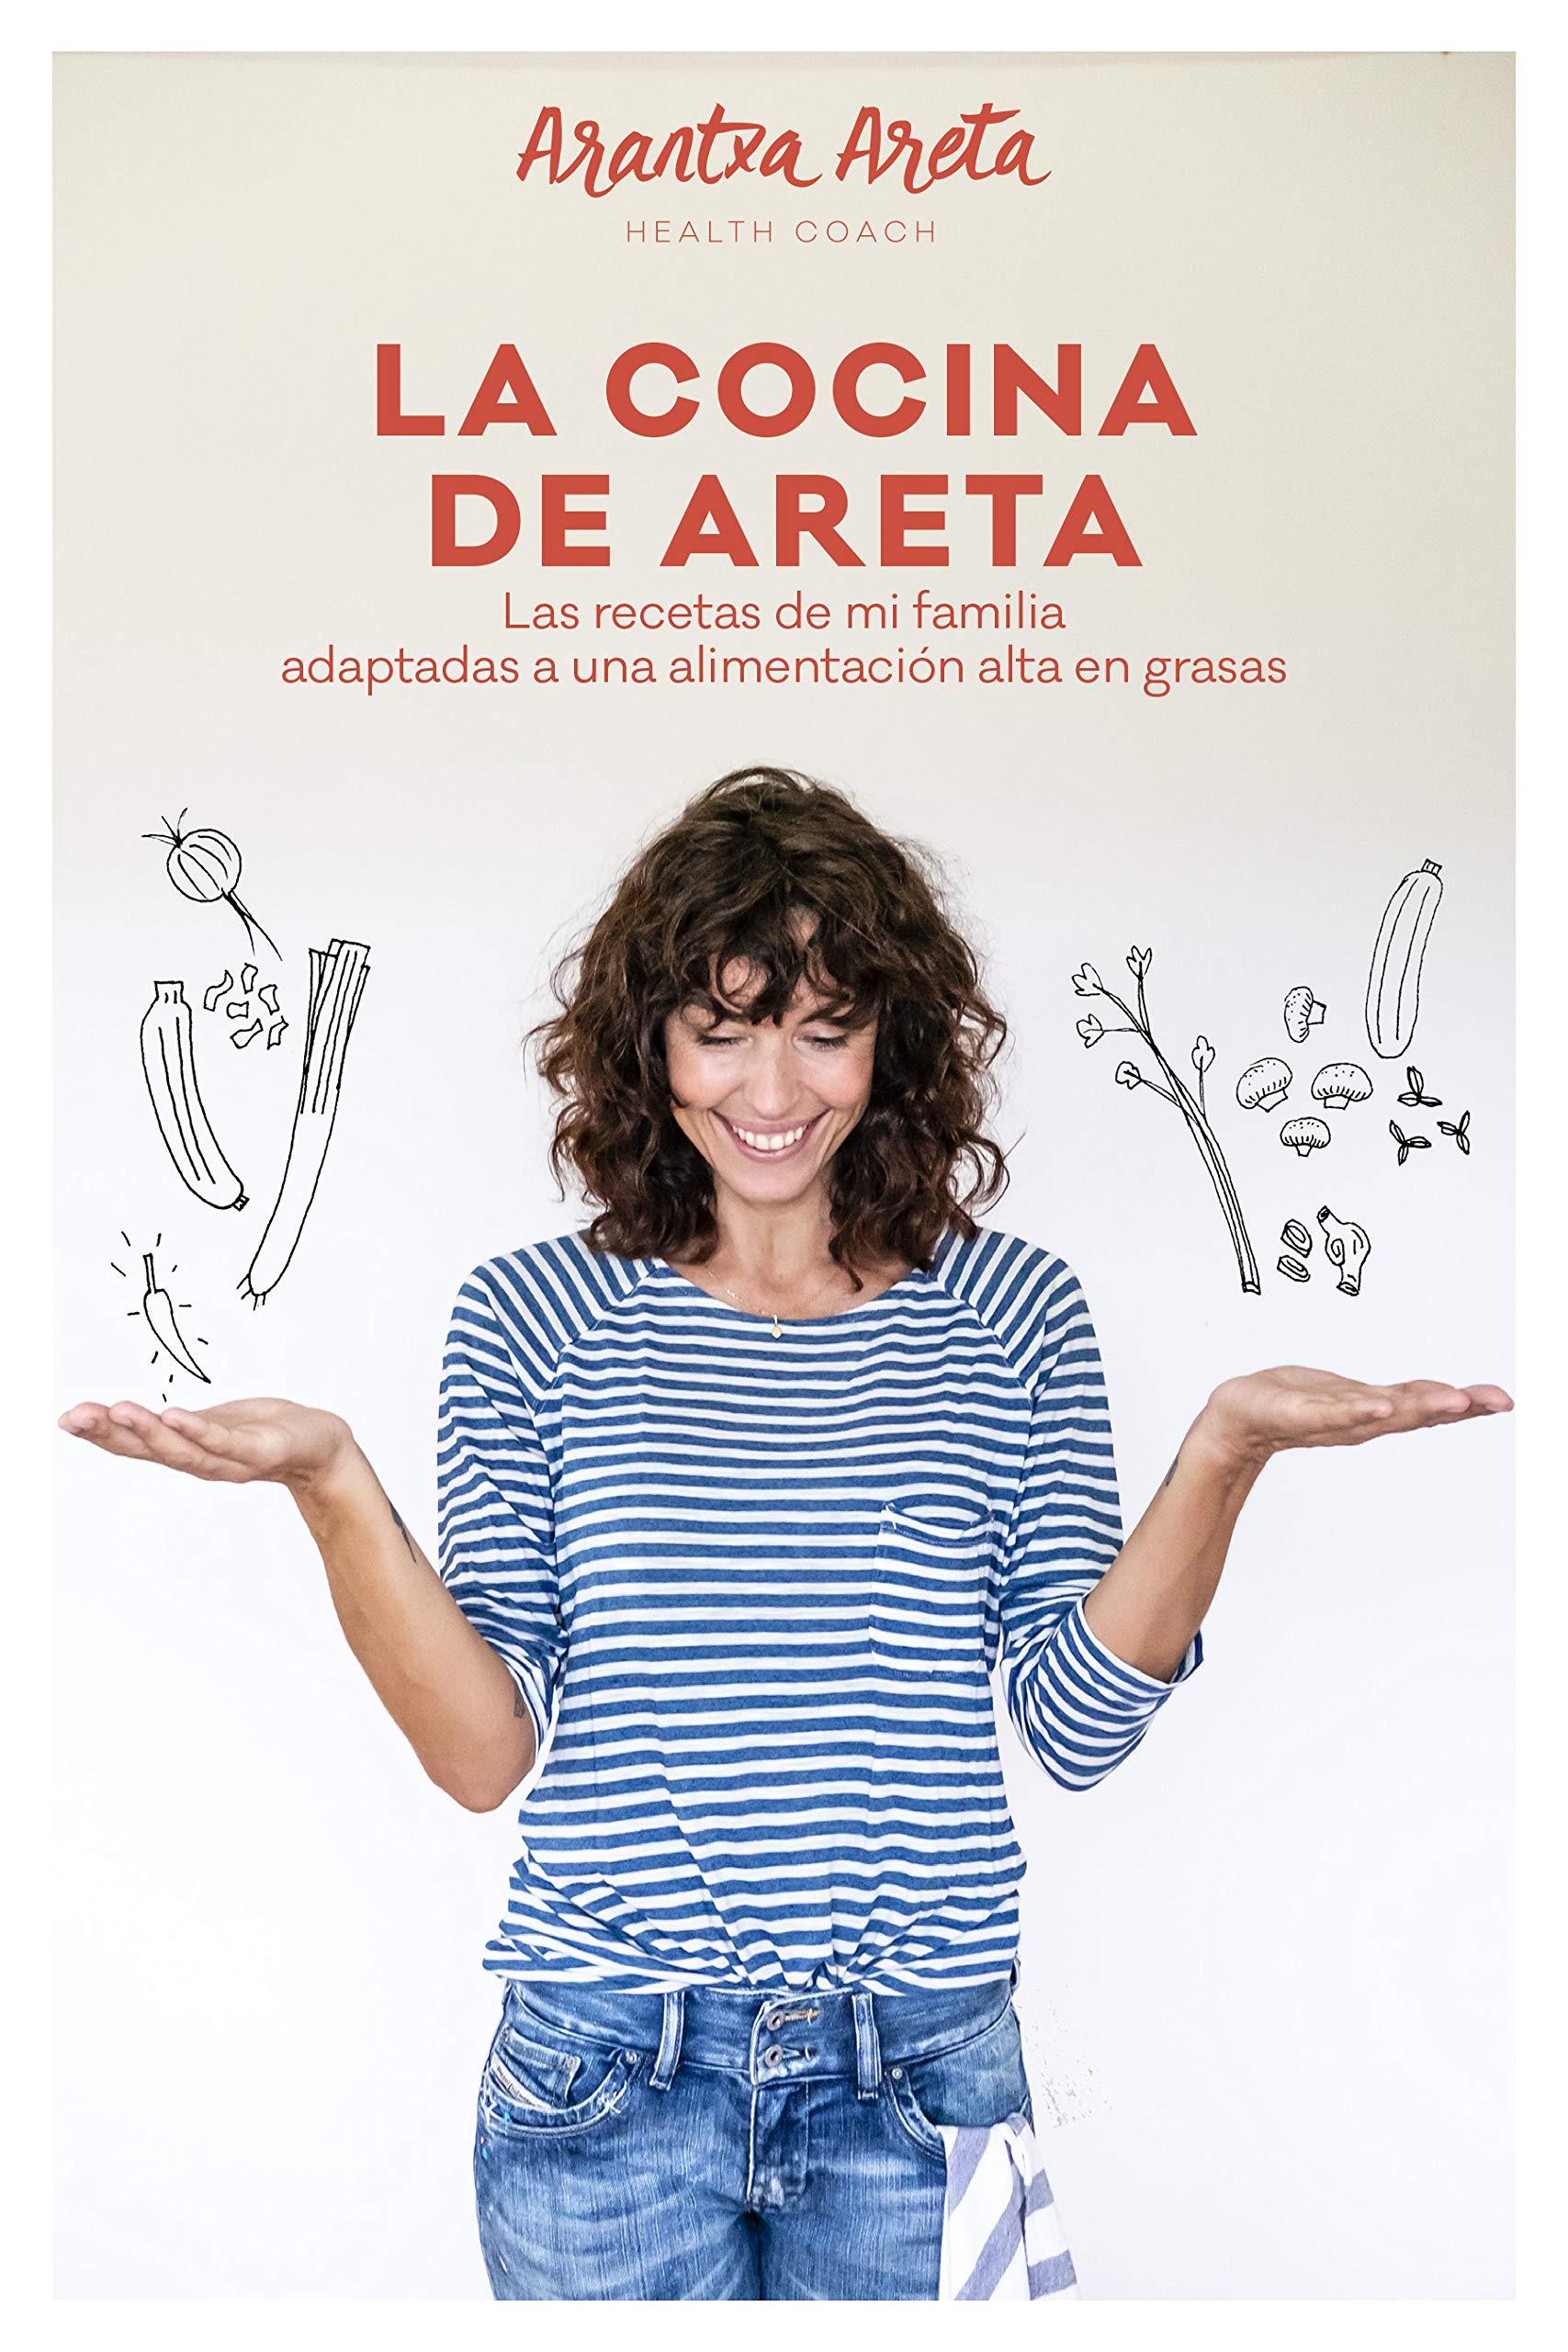 La Cocina de Areta: Las recetas de mi familia adaptadas a una alimentación alta en grasas por Arantxa Areta